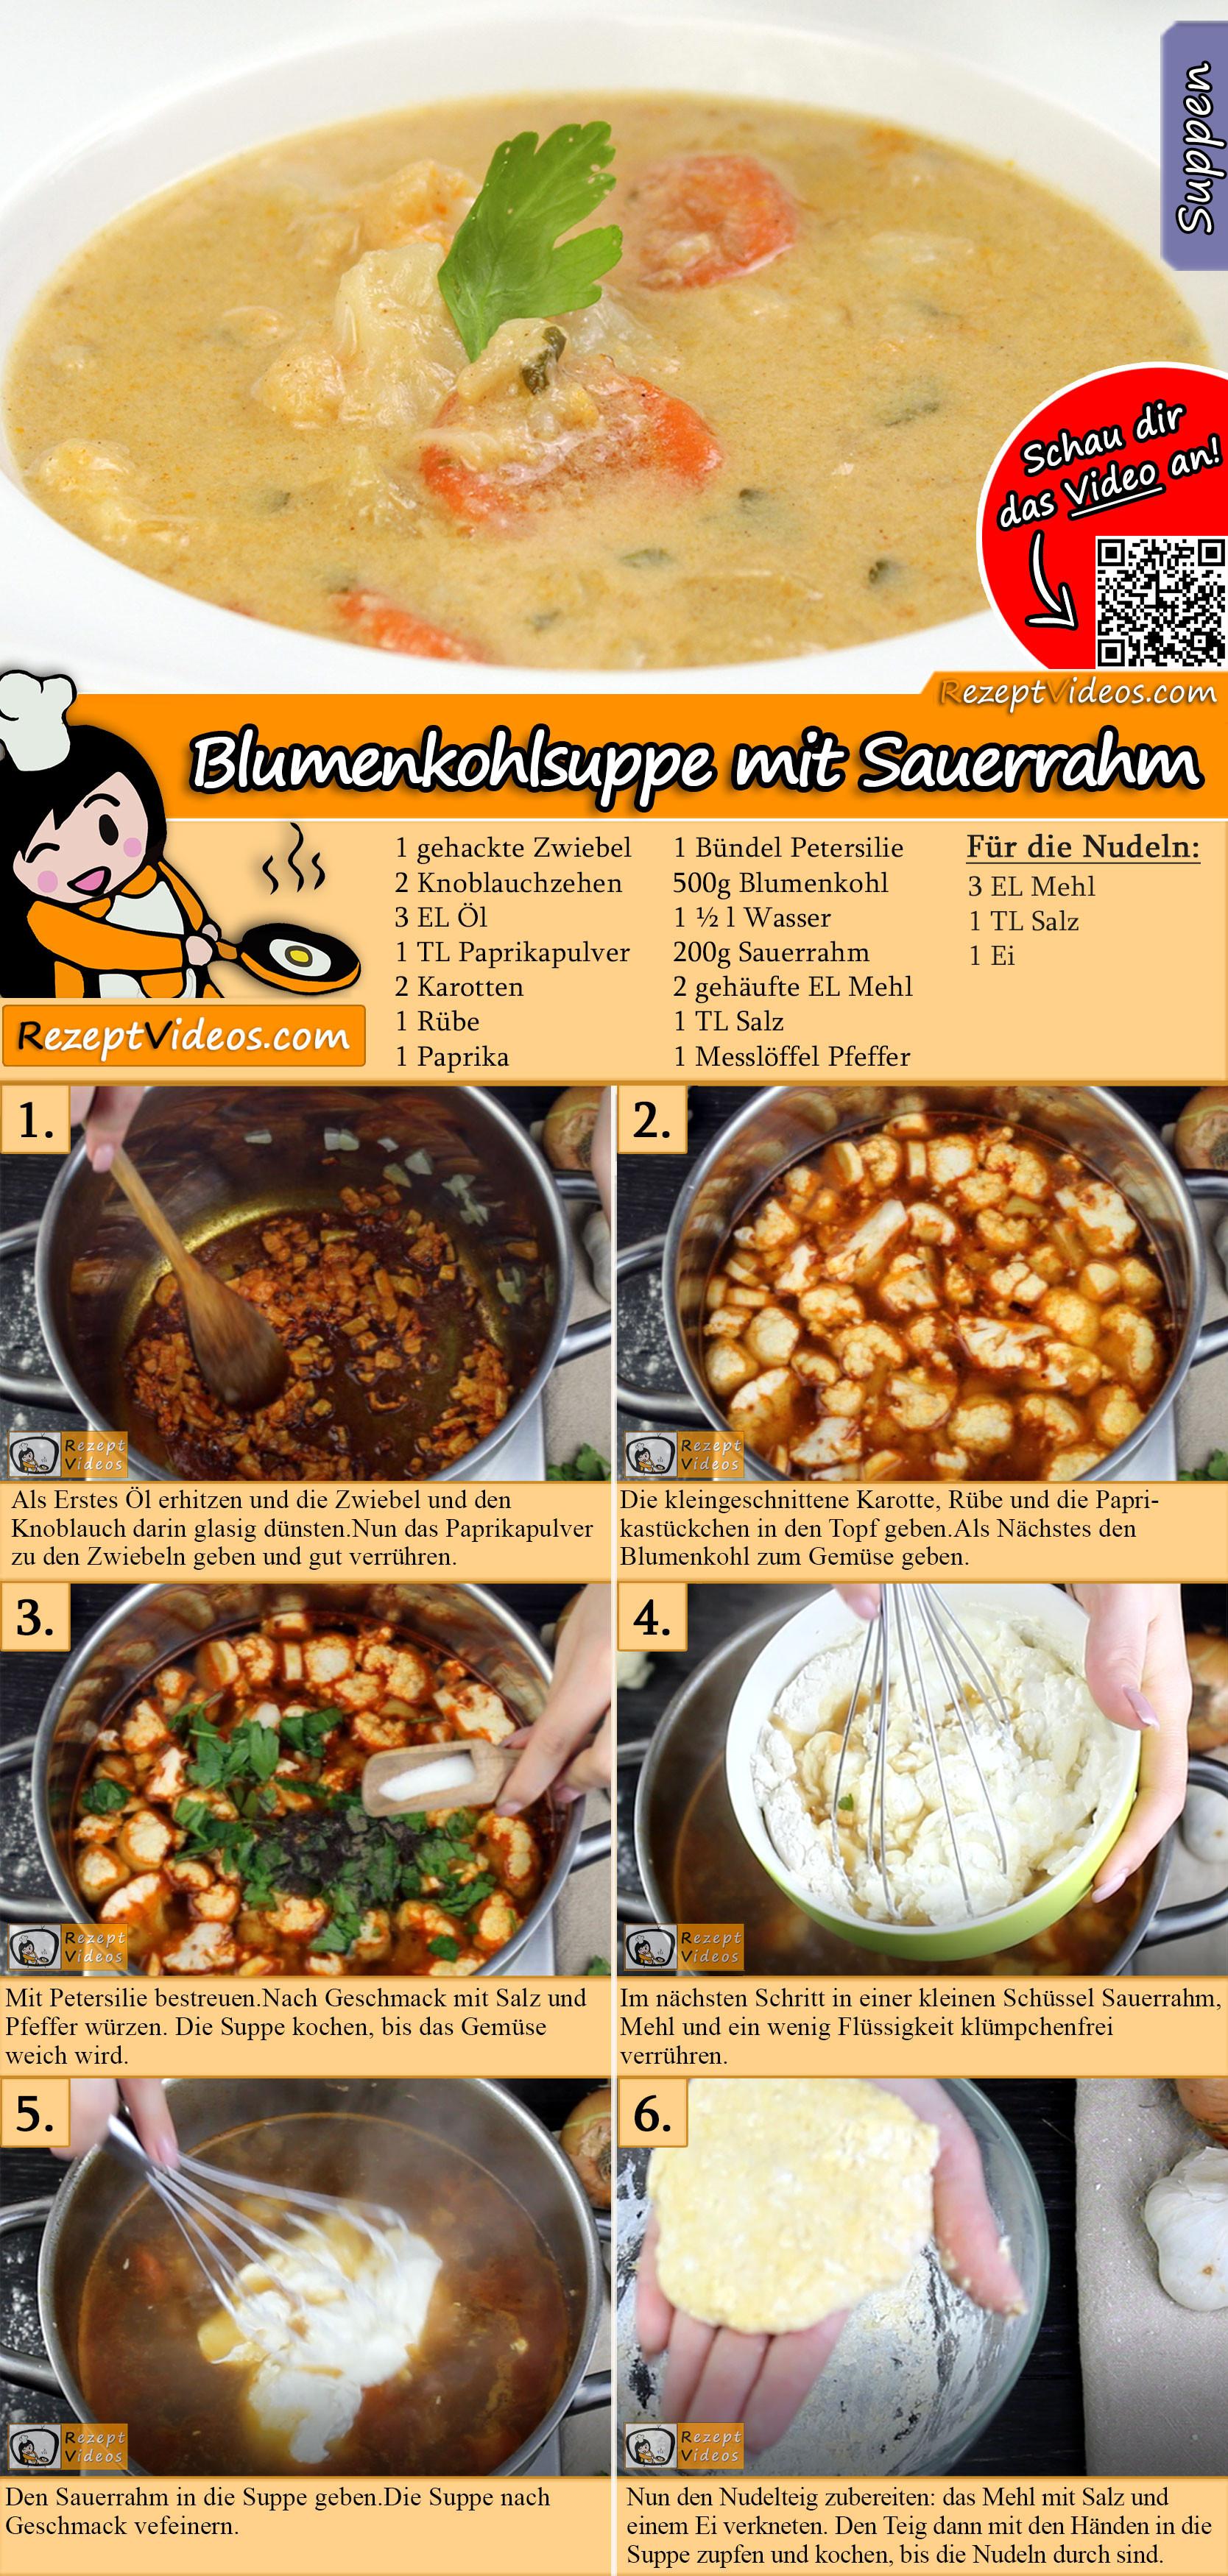 Blumenkohlsuppe mit Sauerrahm Rezept mit Video